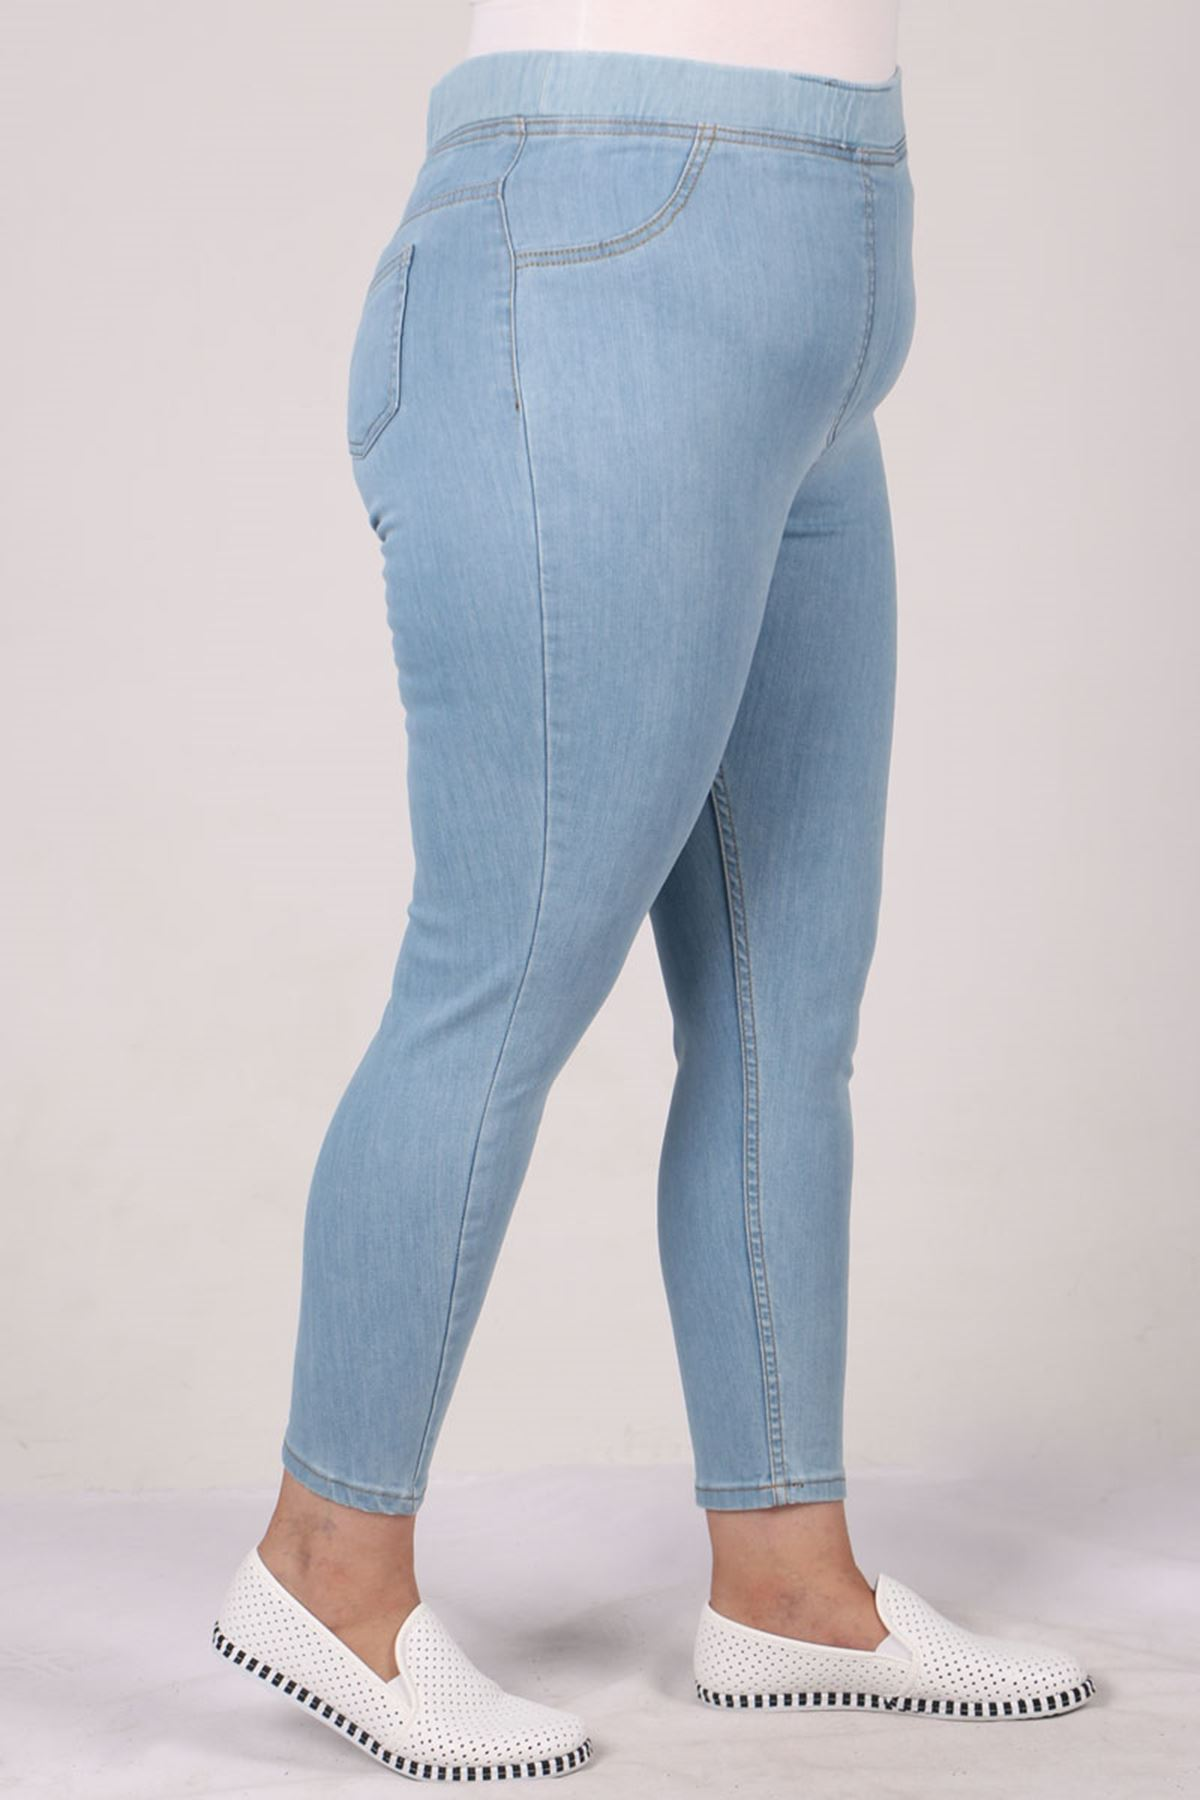 9109-10 بنطلون جينز مرن الخصر و مقاس كبير- أزرق